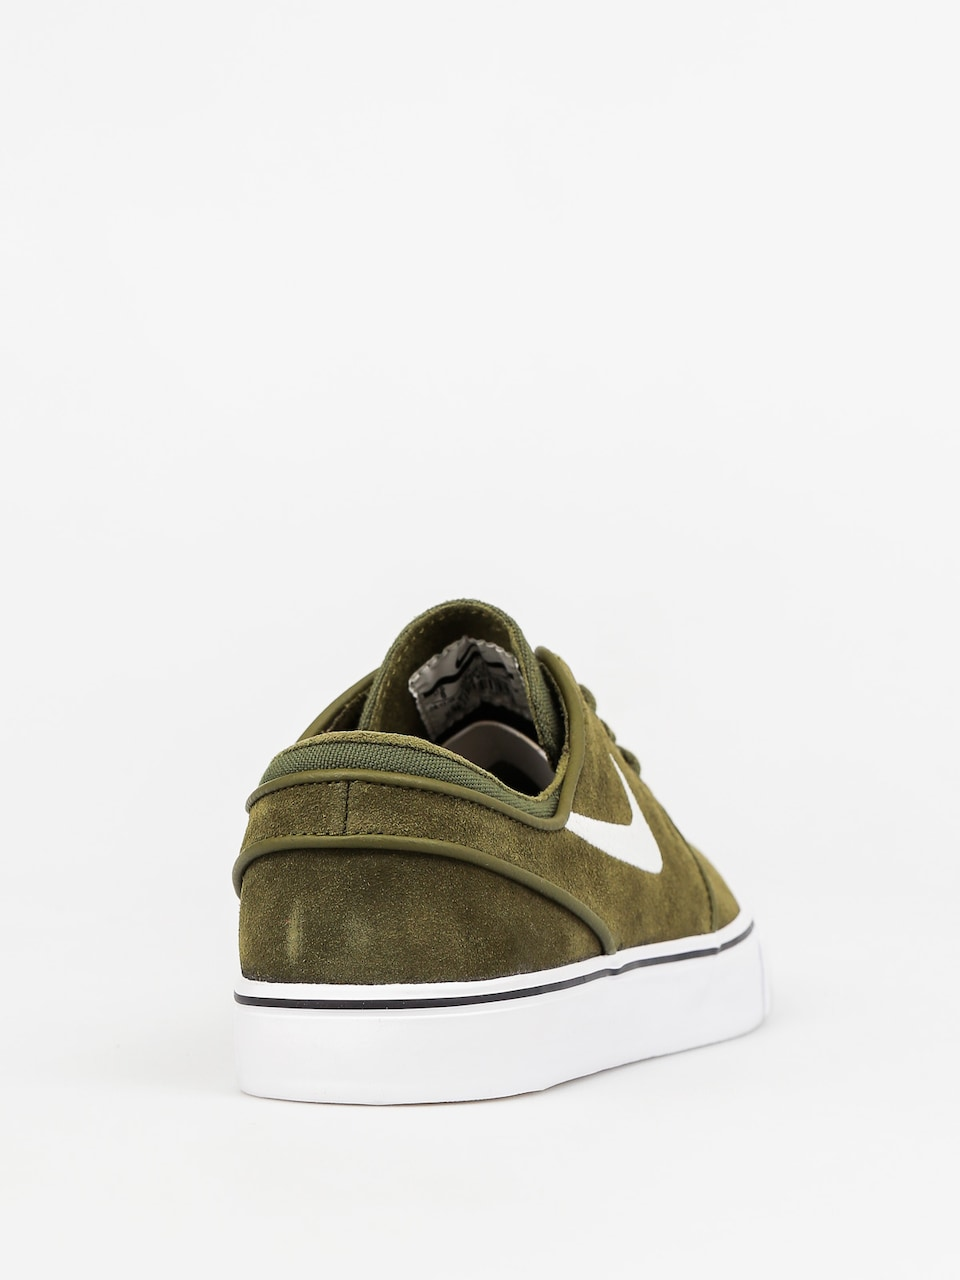 Buty Nike Zoom Stefan Janoski Legion Green (333824 310